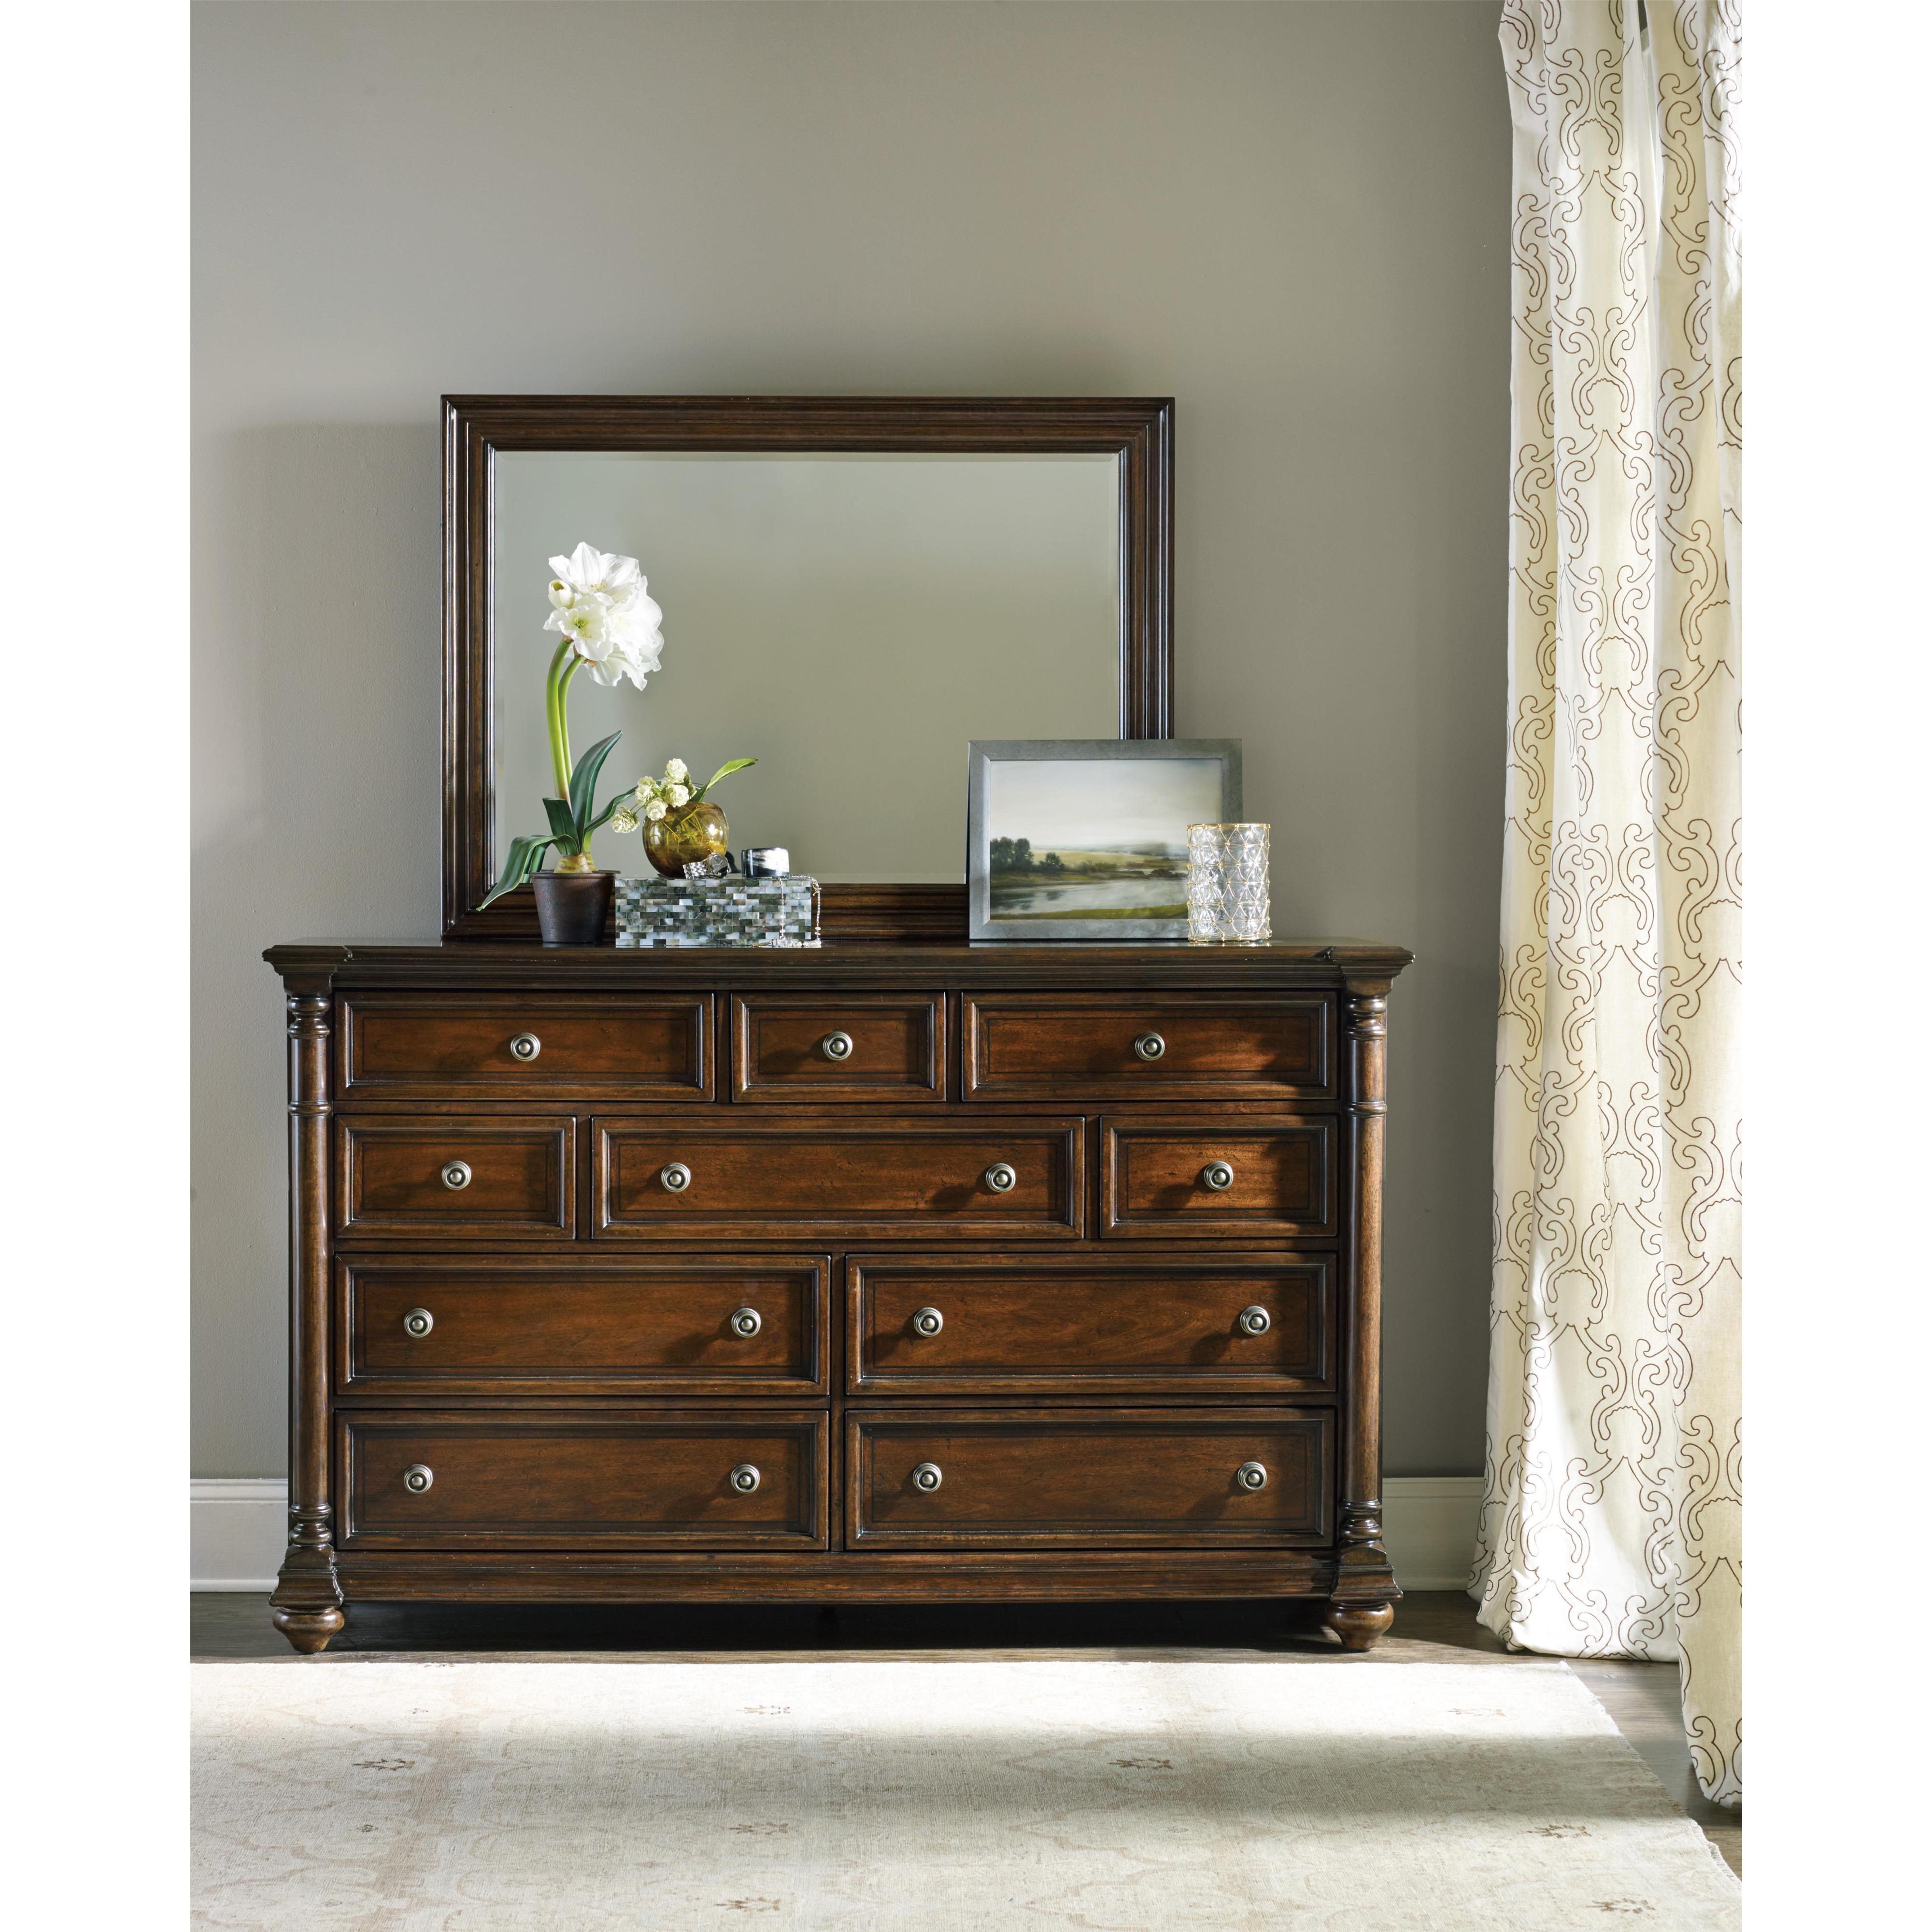 Hooker Furniture Leesburg Dresser and Mirror - Item Number: 5381-90002+90008